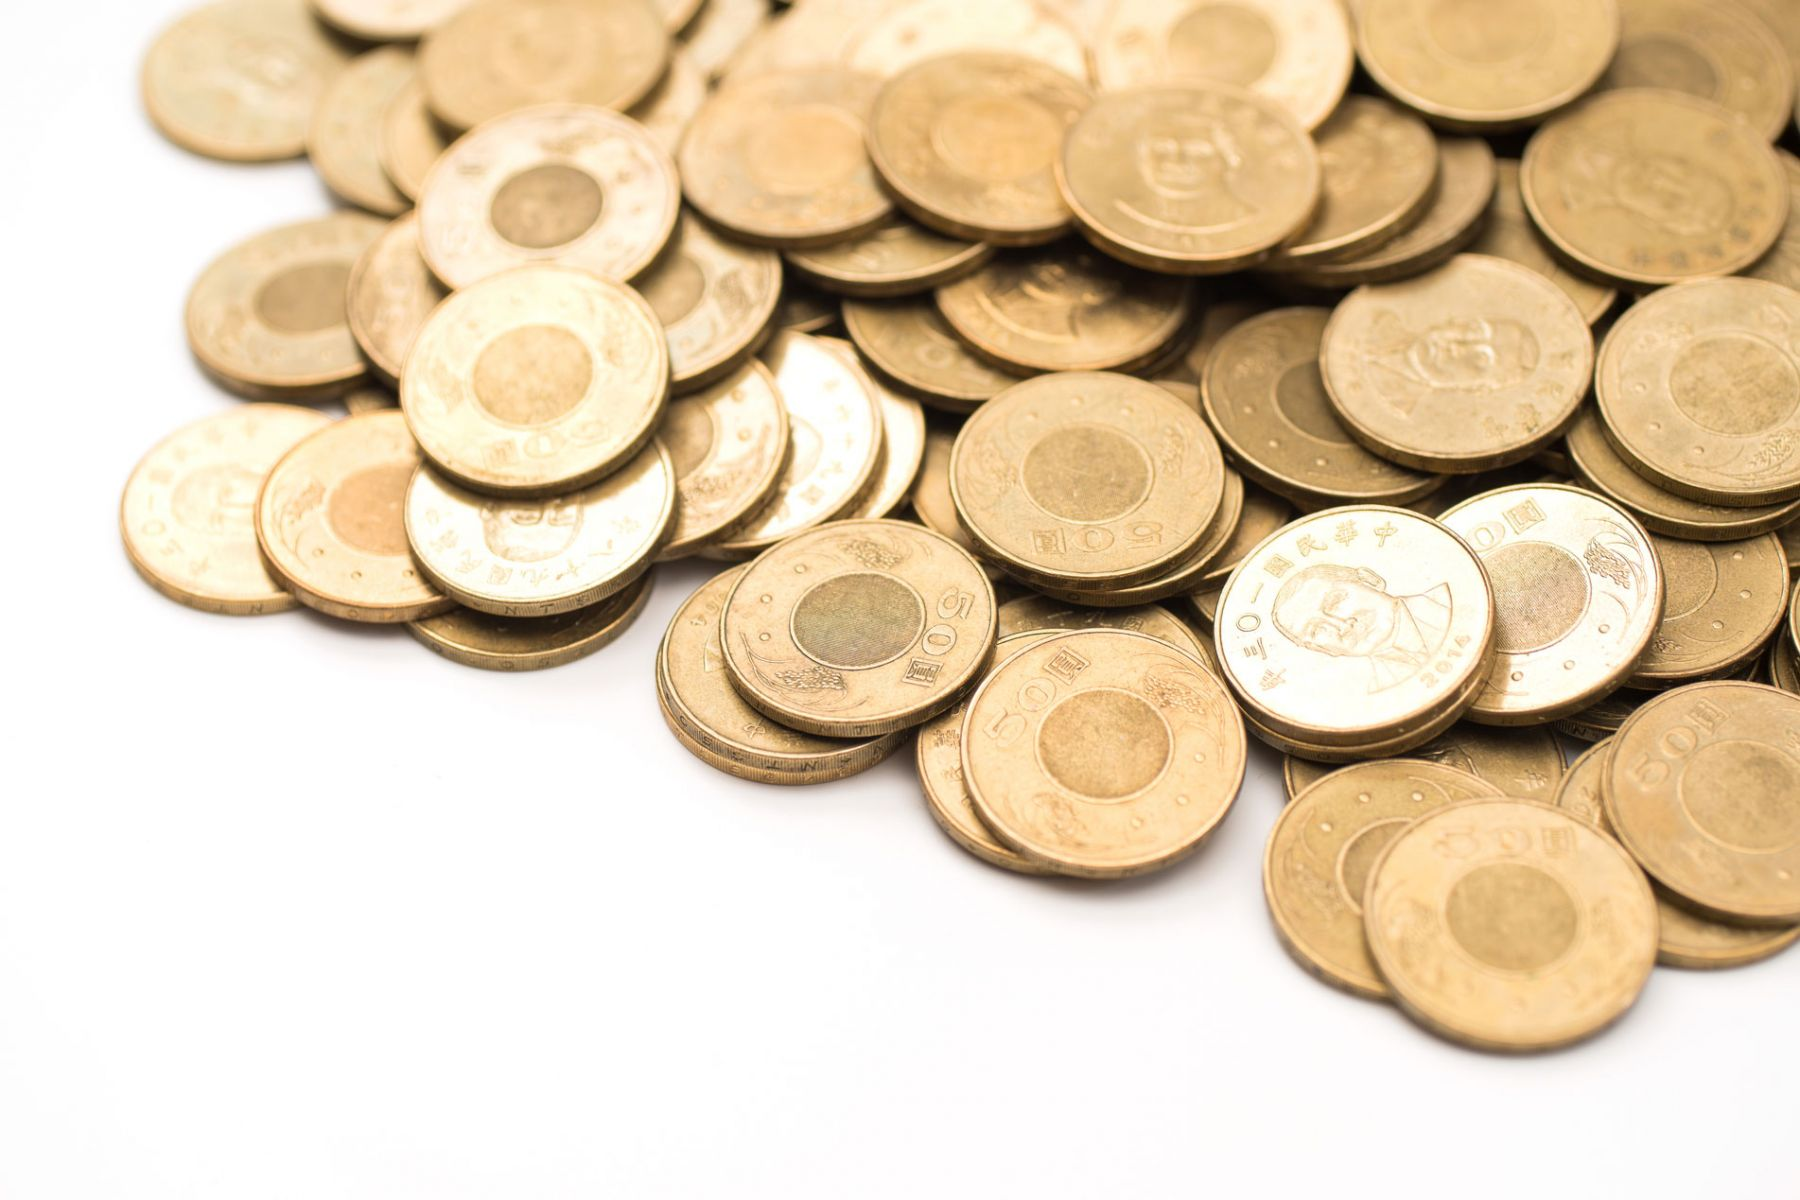 算帳時間又到了 哪些縣市榮登「省錢」前段班?